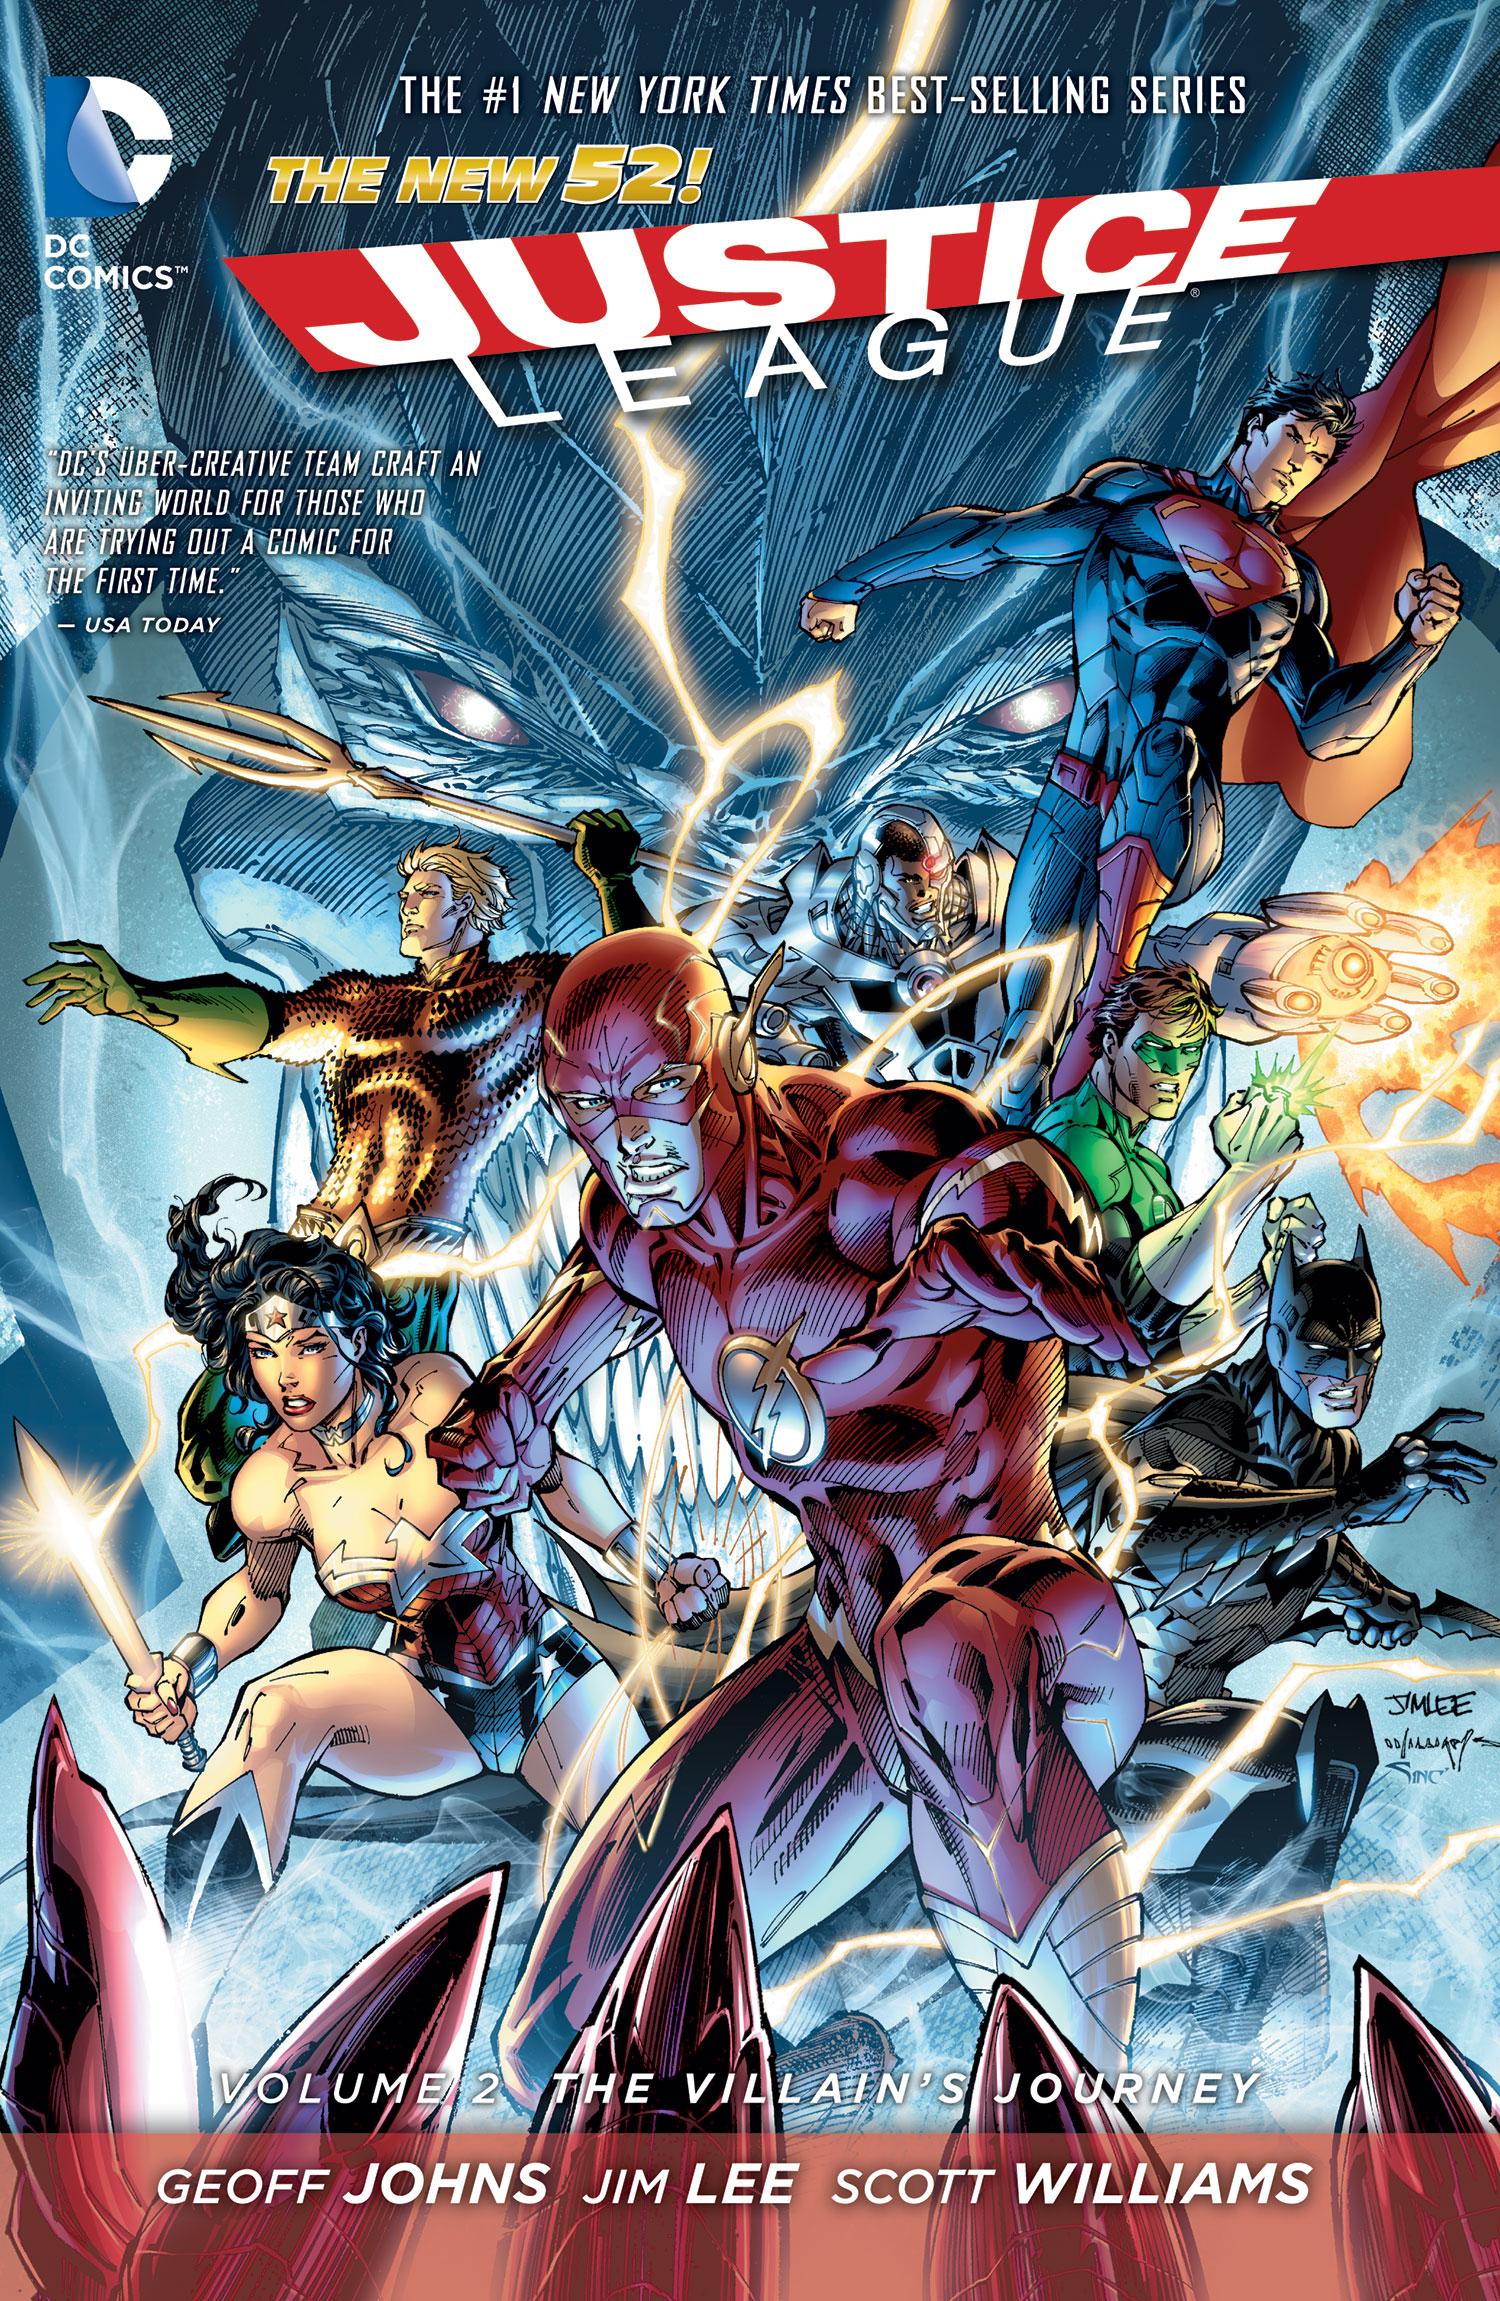 Justice League 2 - The Villain's Journey